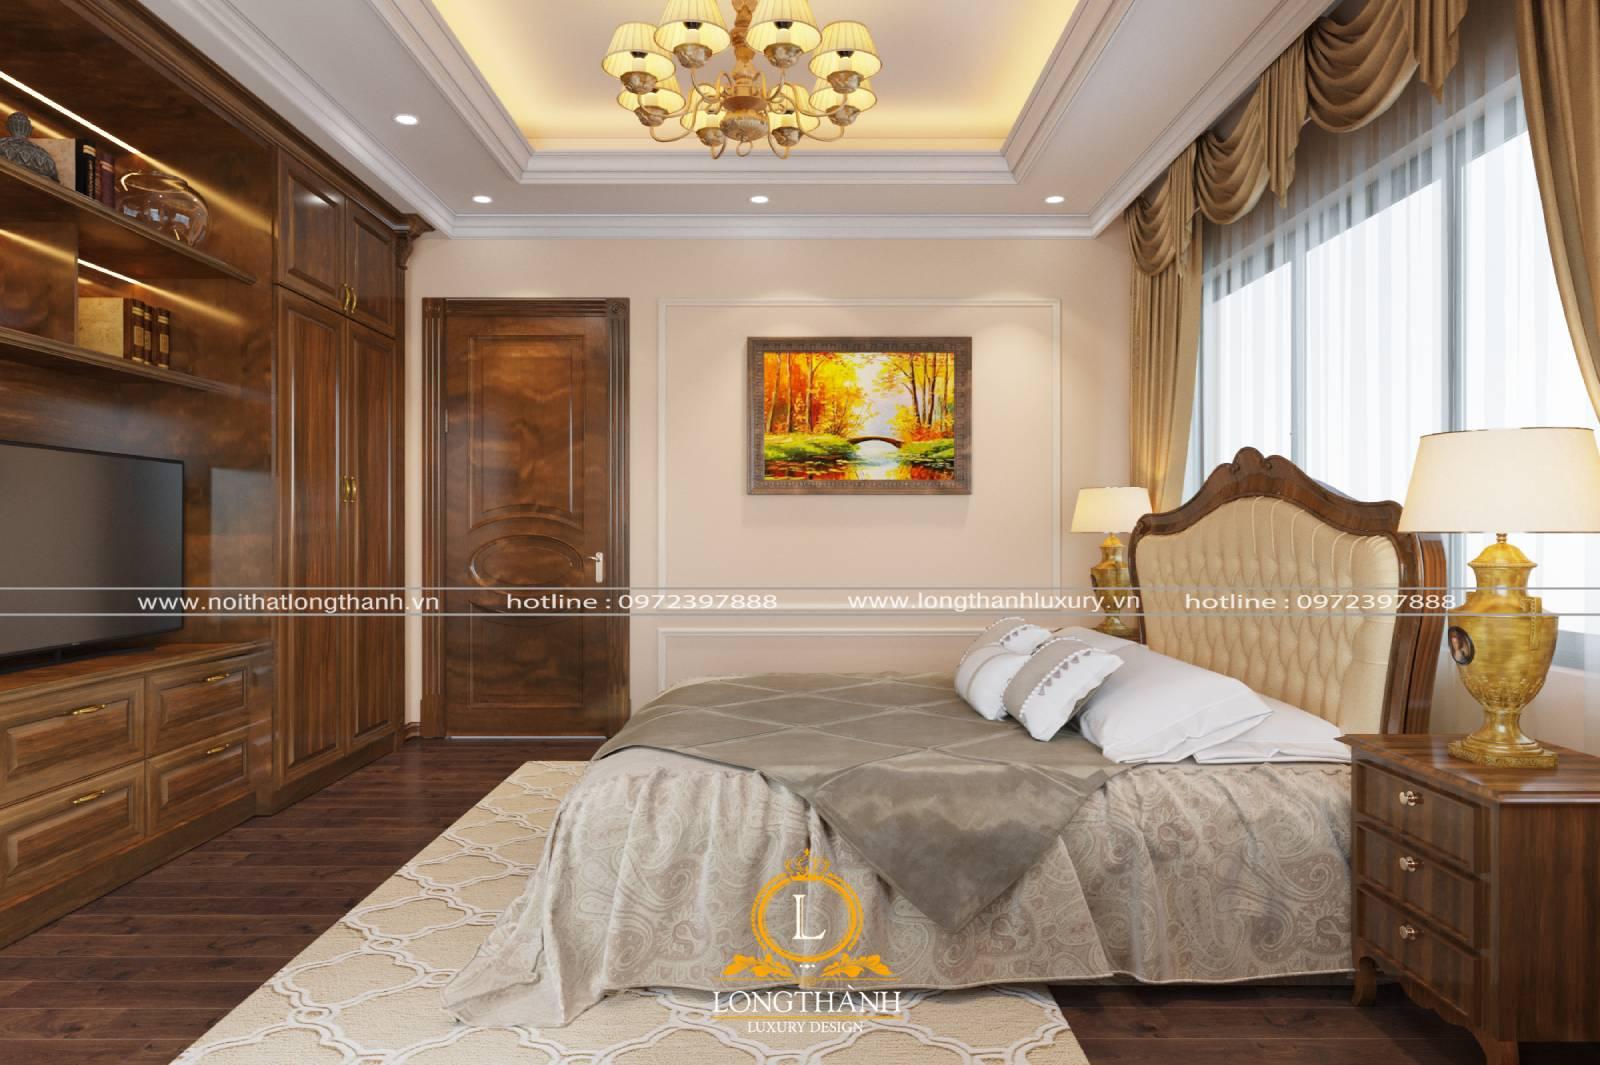 Phòng ngủ chung cư tân cổ điển hiện đại